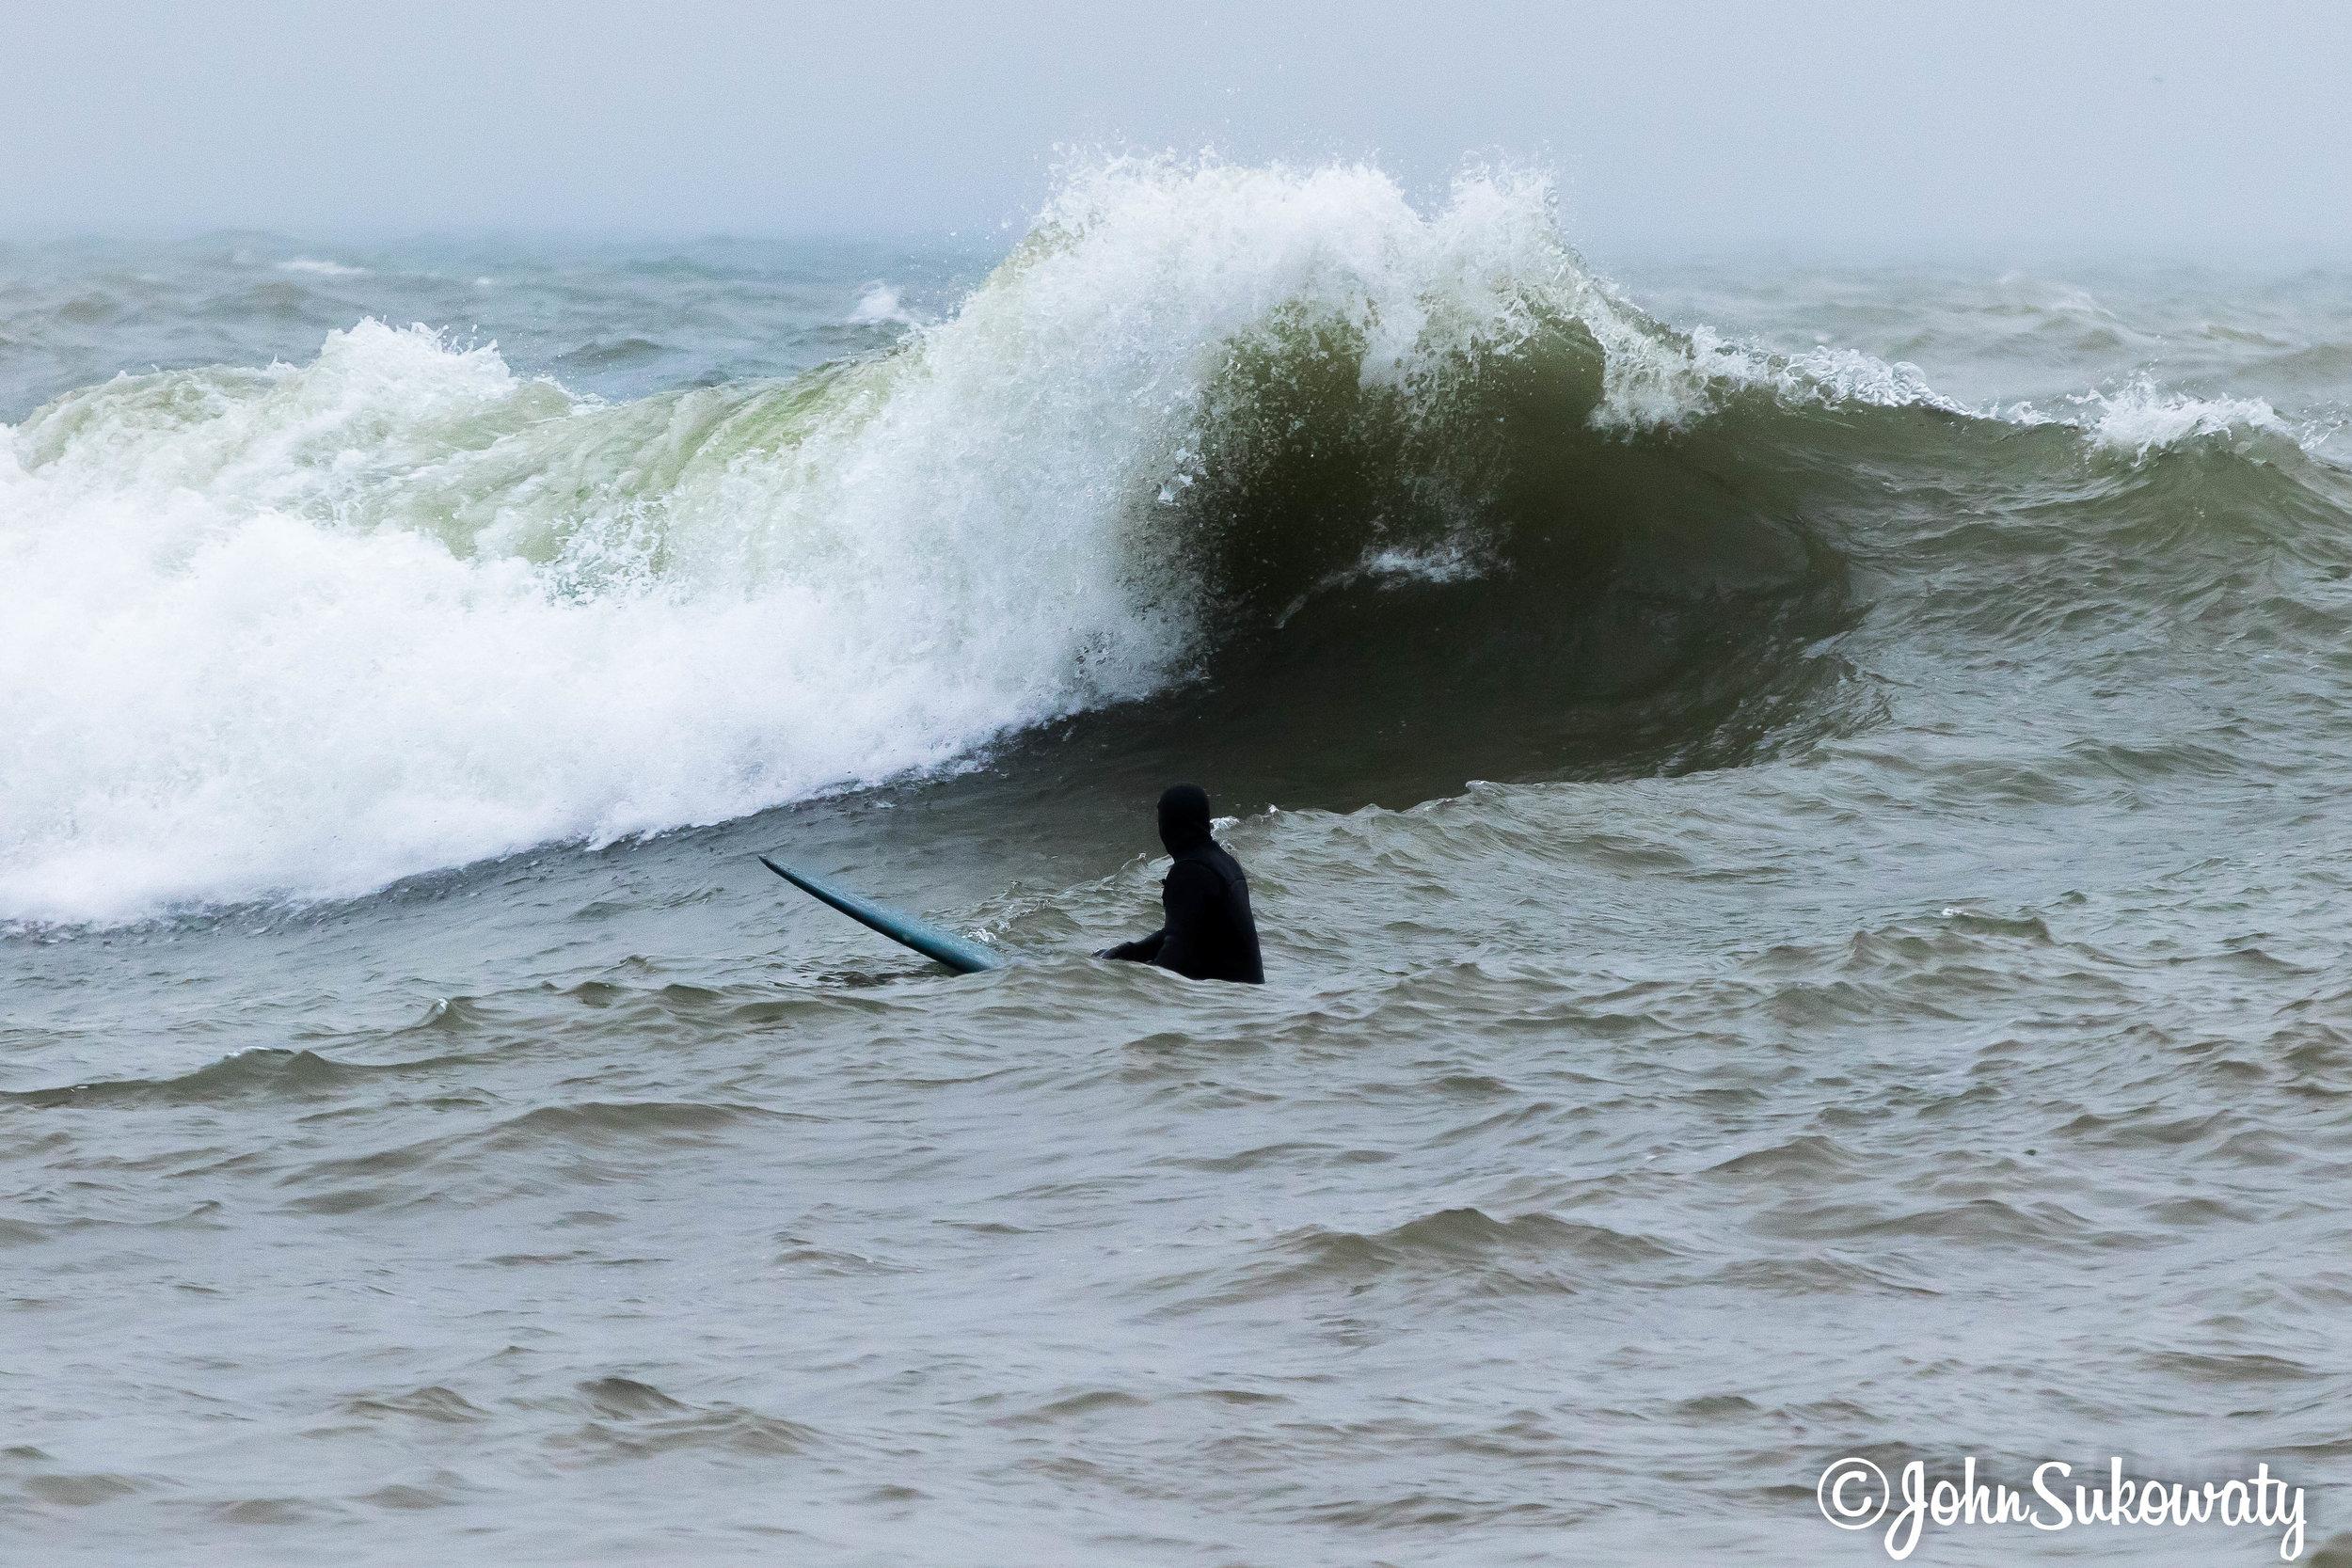 sheboygan-surfing-november-81.jpg